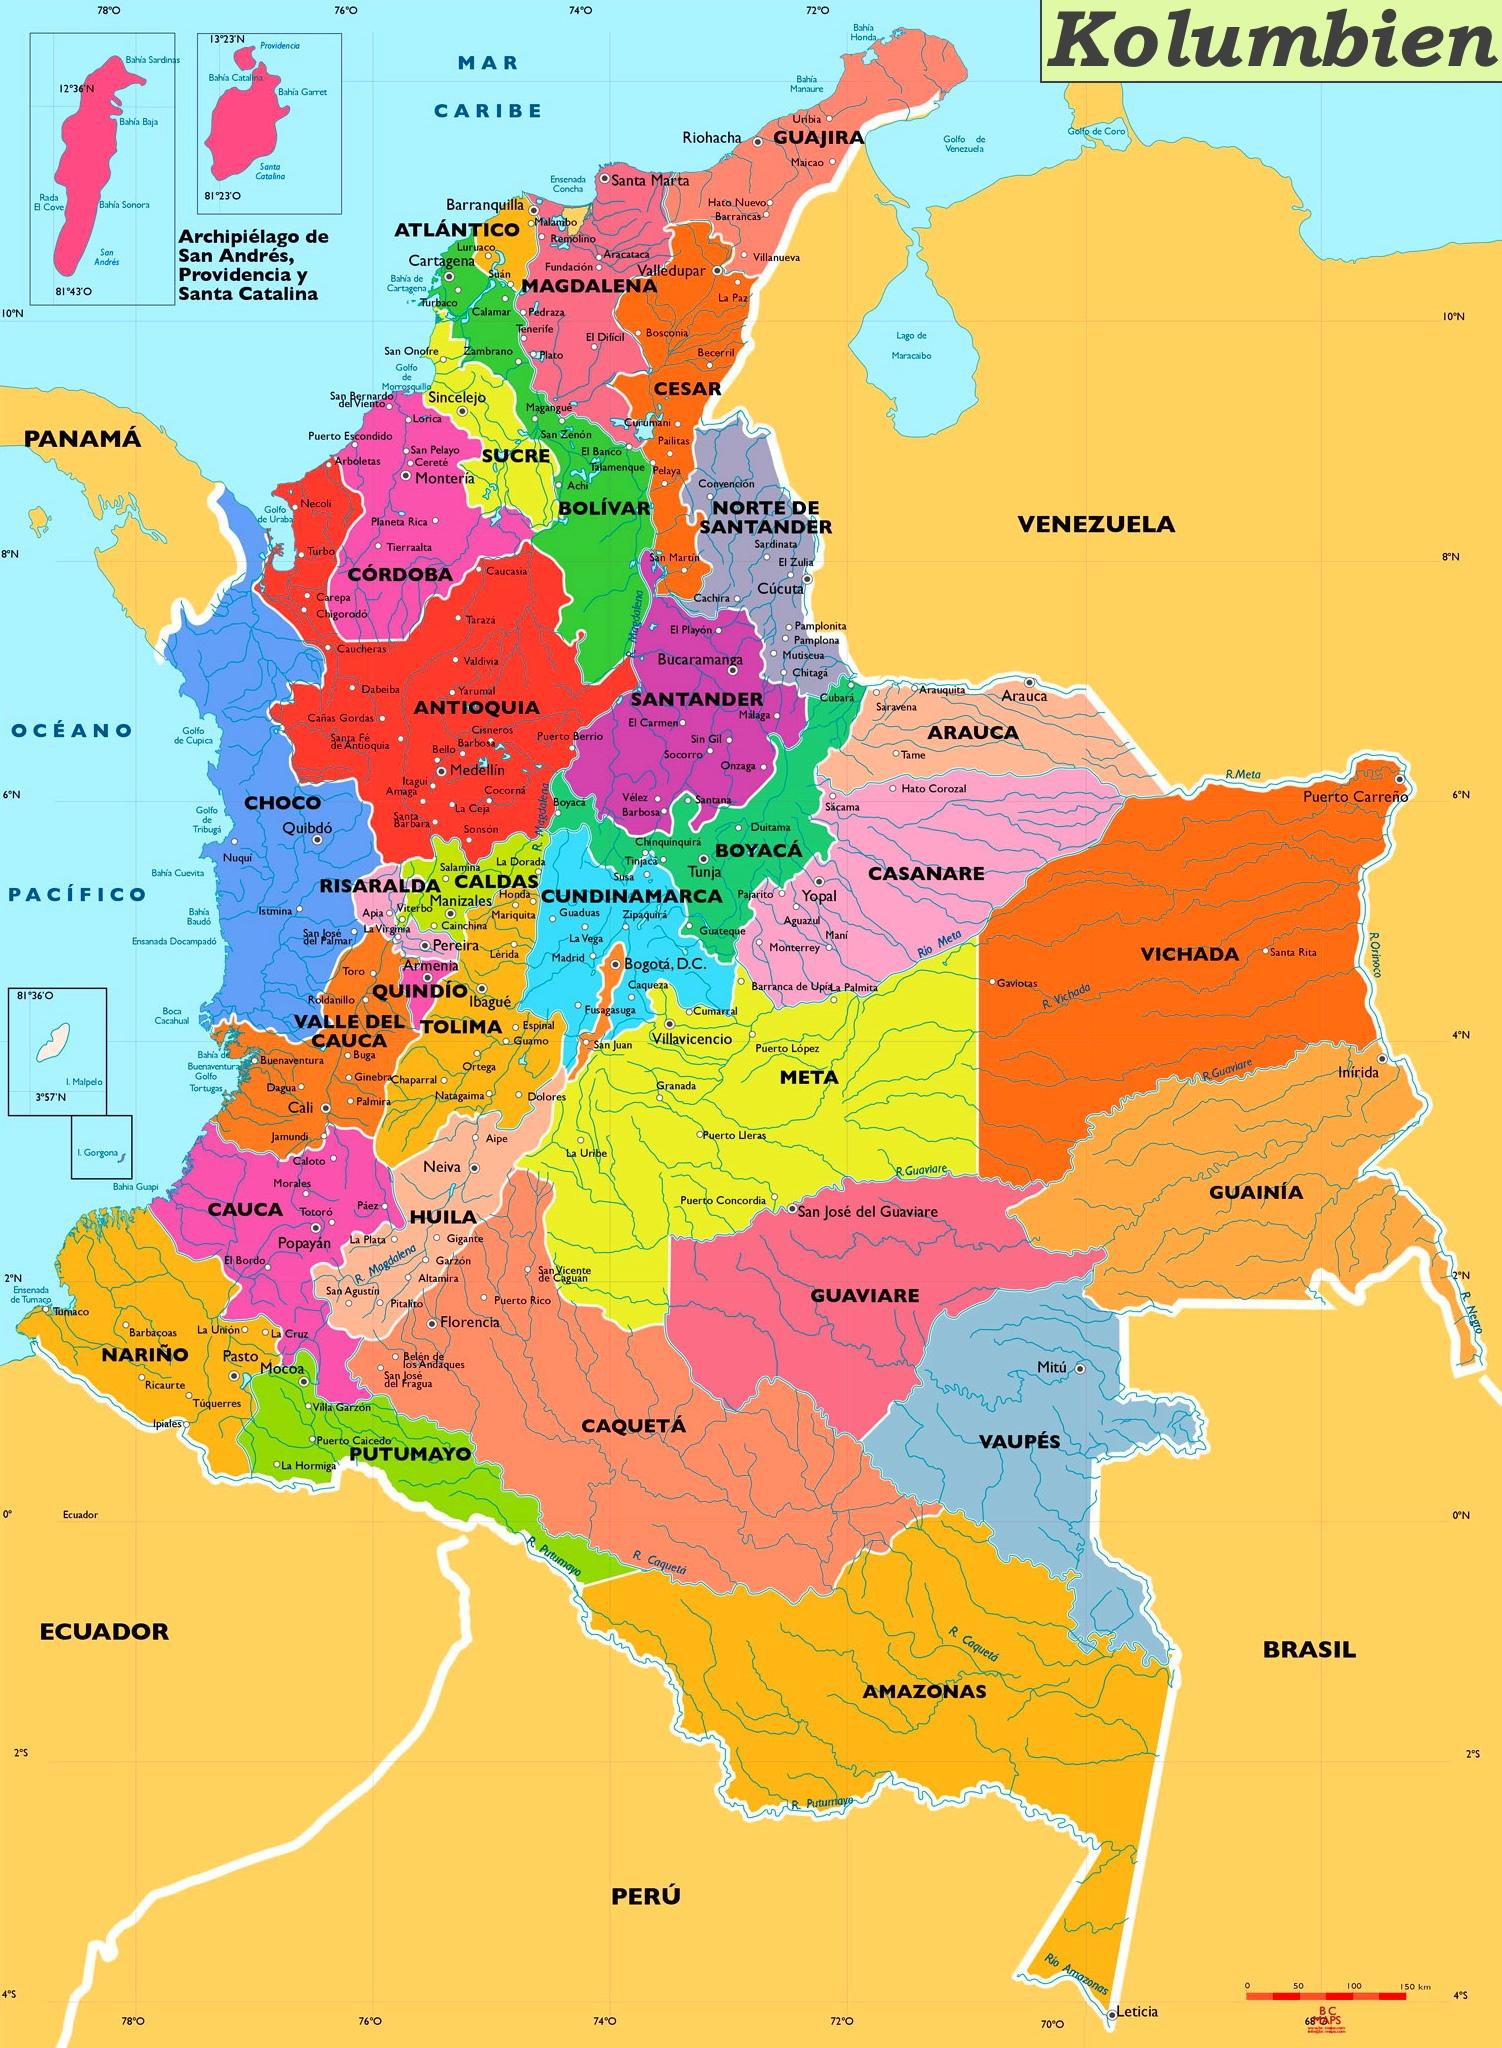 karte kolumbien Kolumbien politische karte